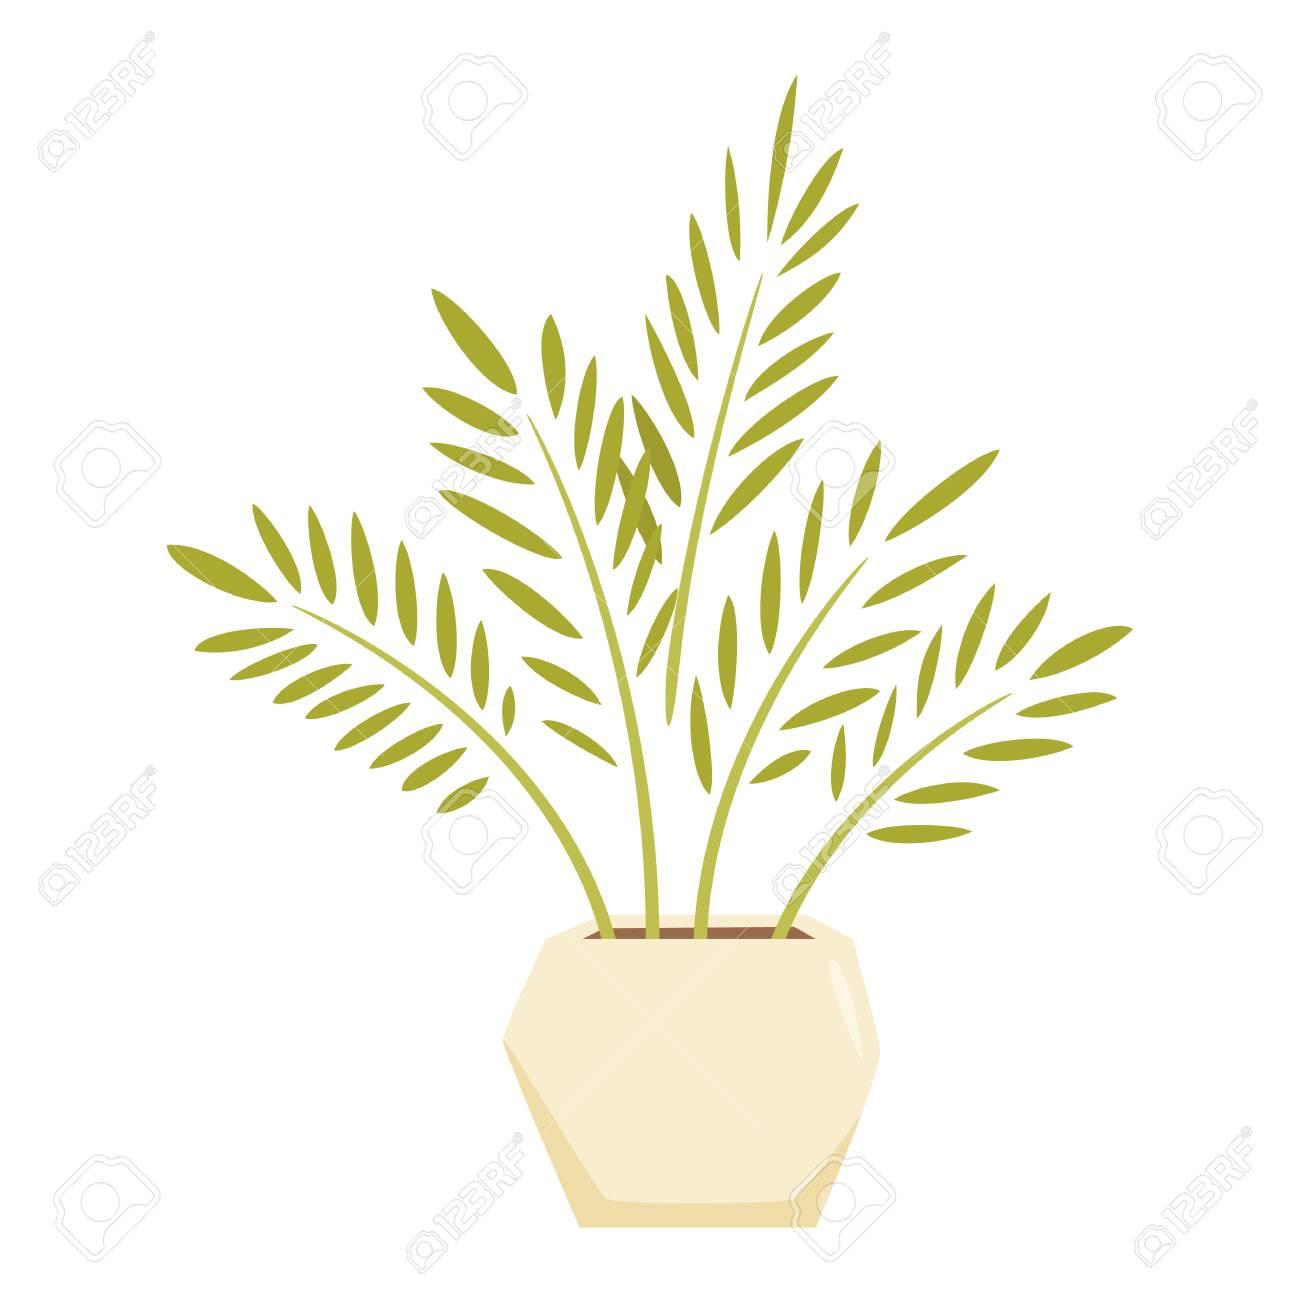 Cycas En Pot Maison D Interieur Et Bureau En Pot Enregistrement De Vecteur De Dessin Anime De Plantes D Interieur Decoration D Interieur Pot De